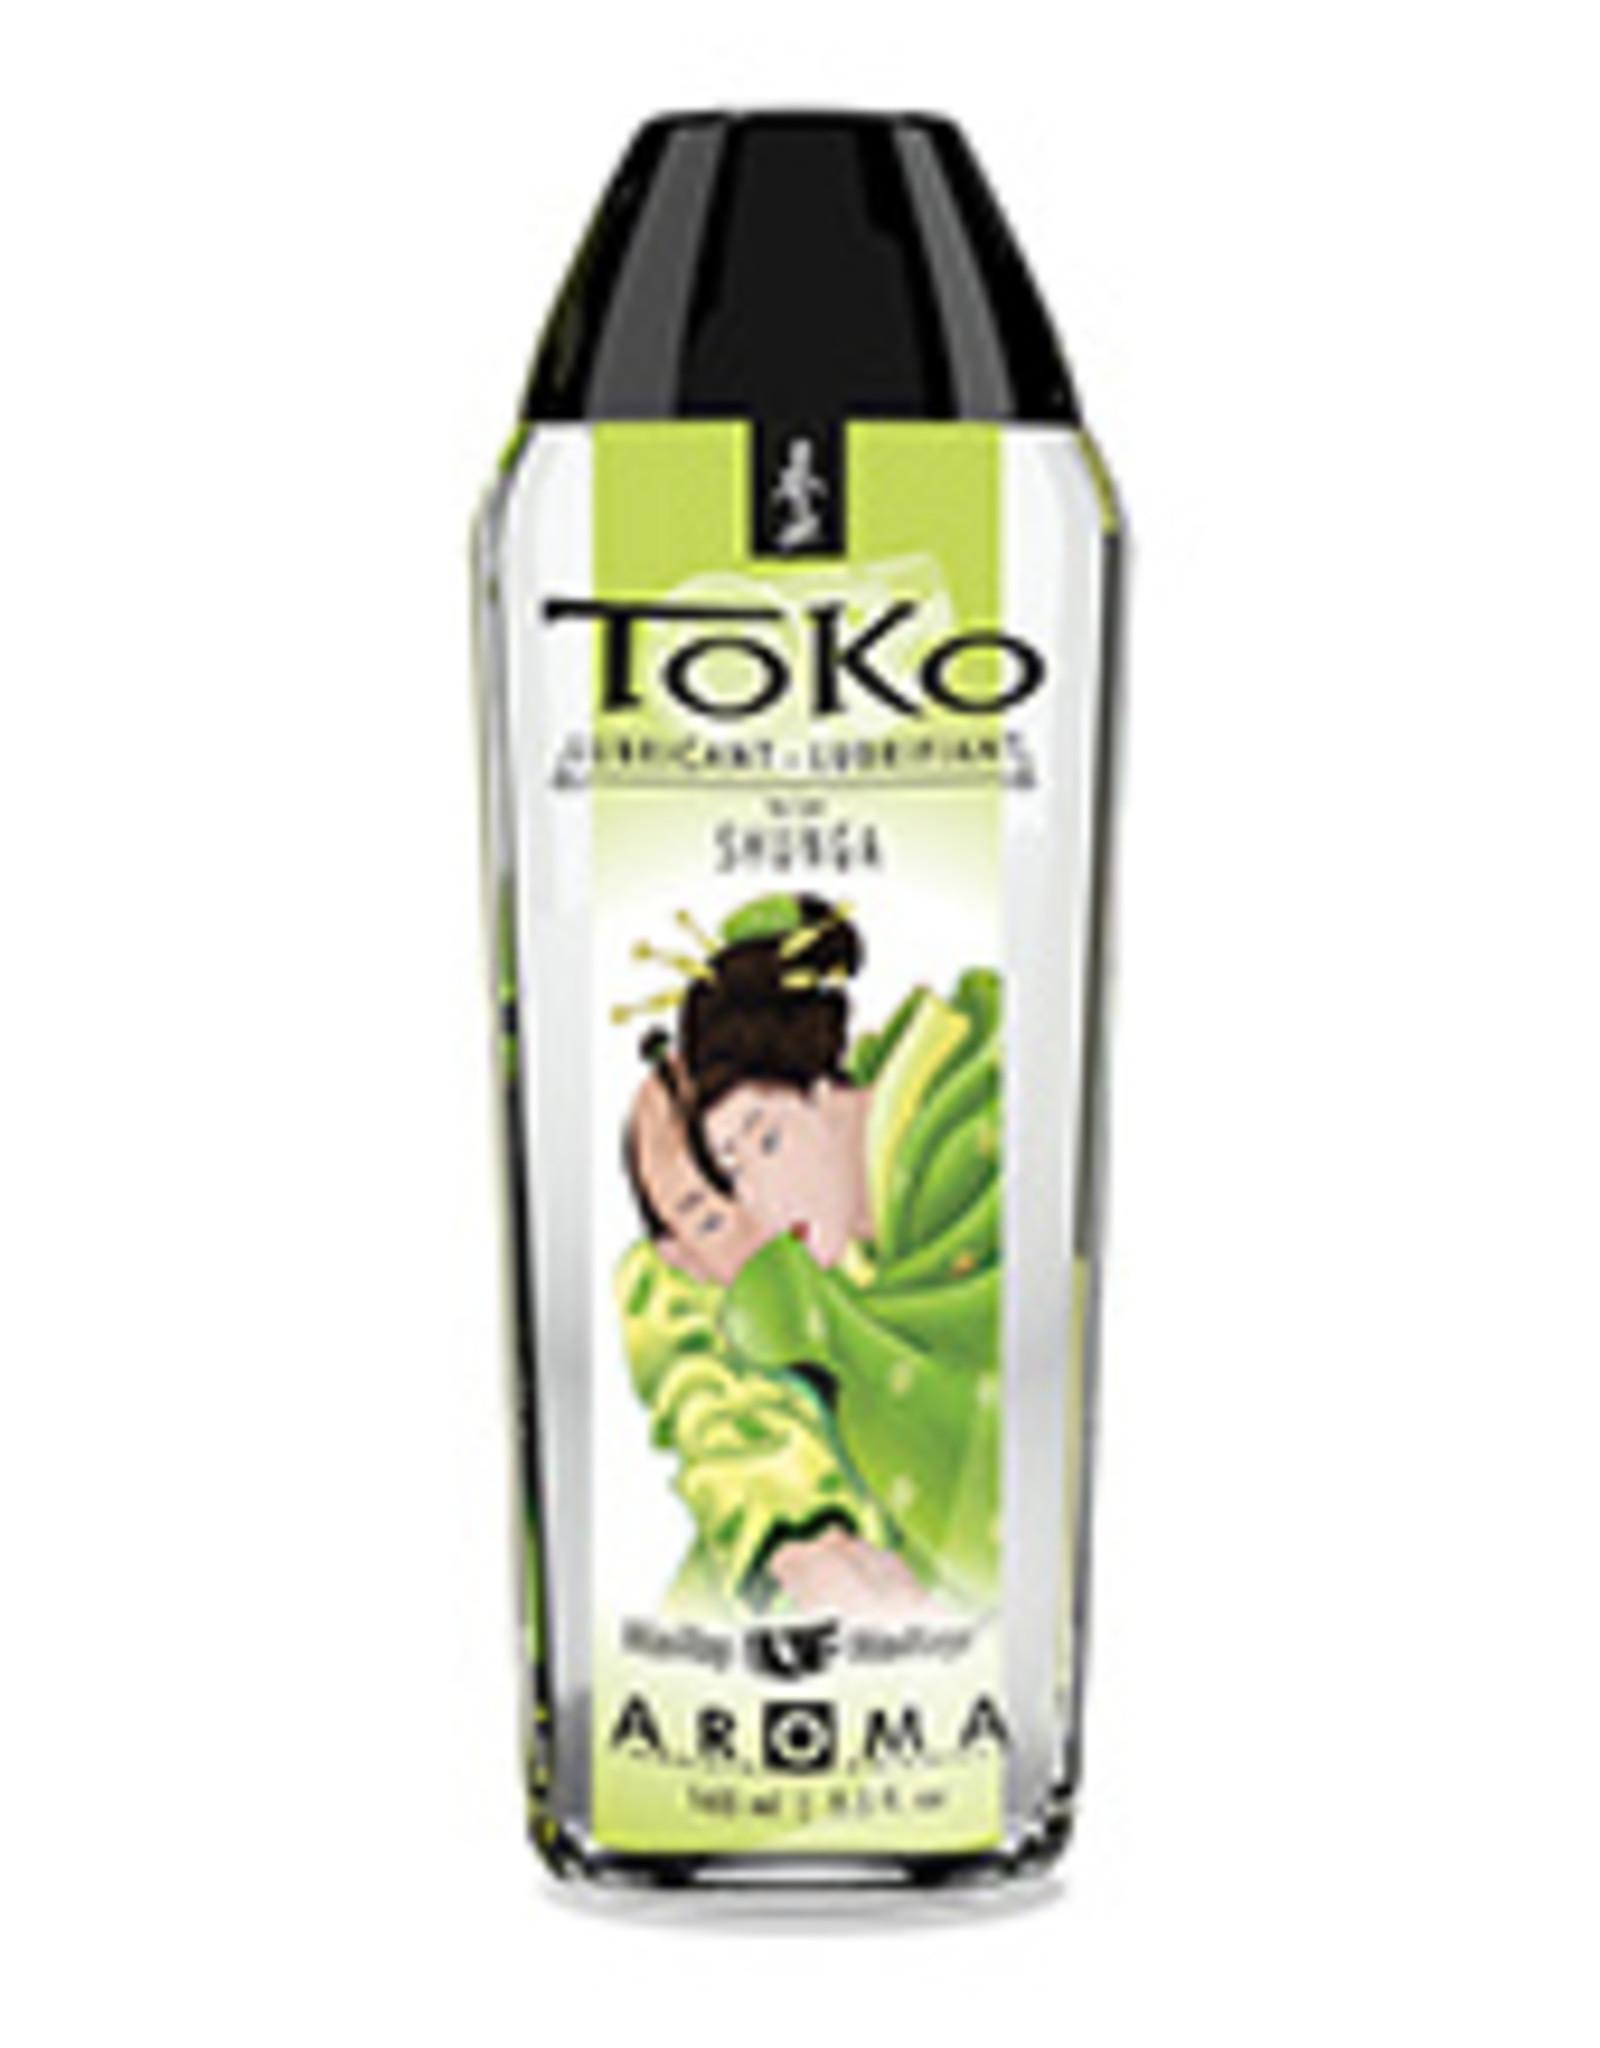 Shunga Toko Aroma Flavoured Lubricant - 5.5 oz Melon Mango